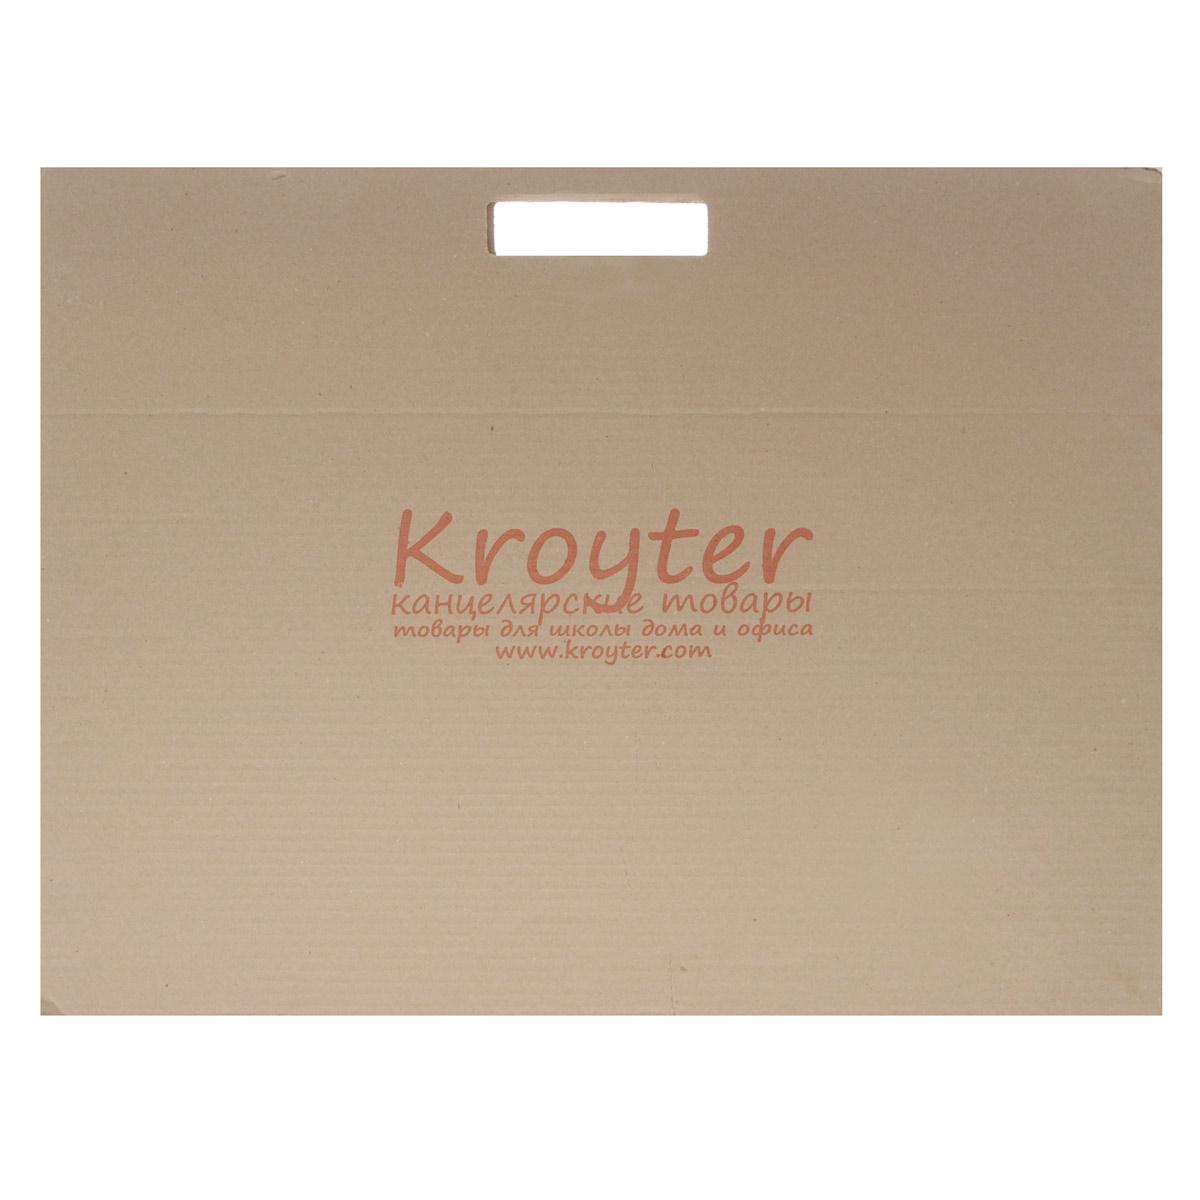 Папка для черчения Kroyter, 10 листов, формат А205329Папка для черчения Kroyter содержит 10 листов плотной бумаги, предназначенной для черчения и рисования водорастворимыми красками, карандашами, мелками, ручками. Не рекомендуется для масляных красок. Обложка выполнена из гофрированного картона в виде папки-переноски с ручками, такой вариант позволяет переносить бумагу без повреждений или хранить в ней уже выполненные работы. Формат: А2 (420 х 594).